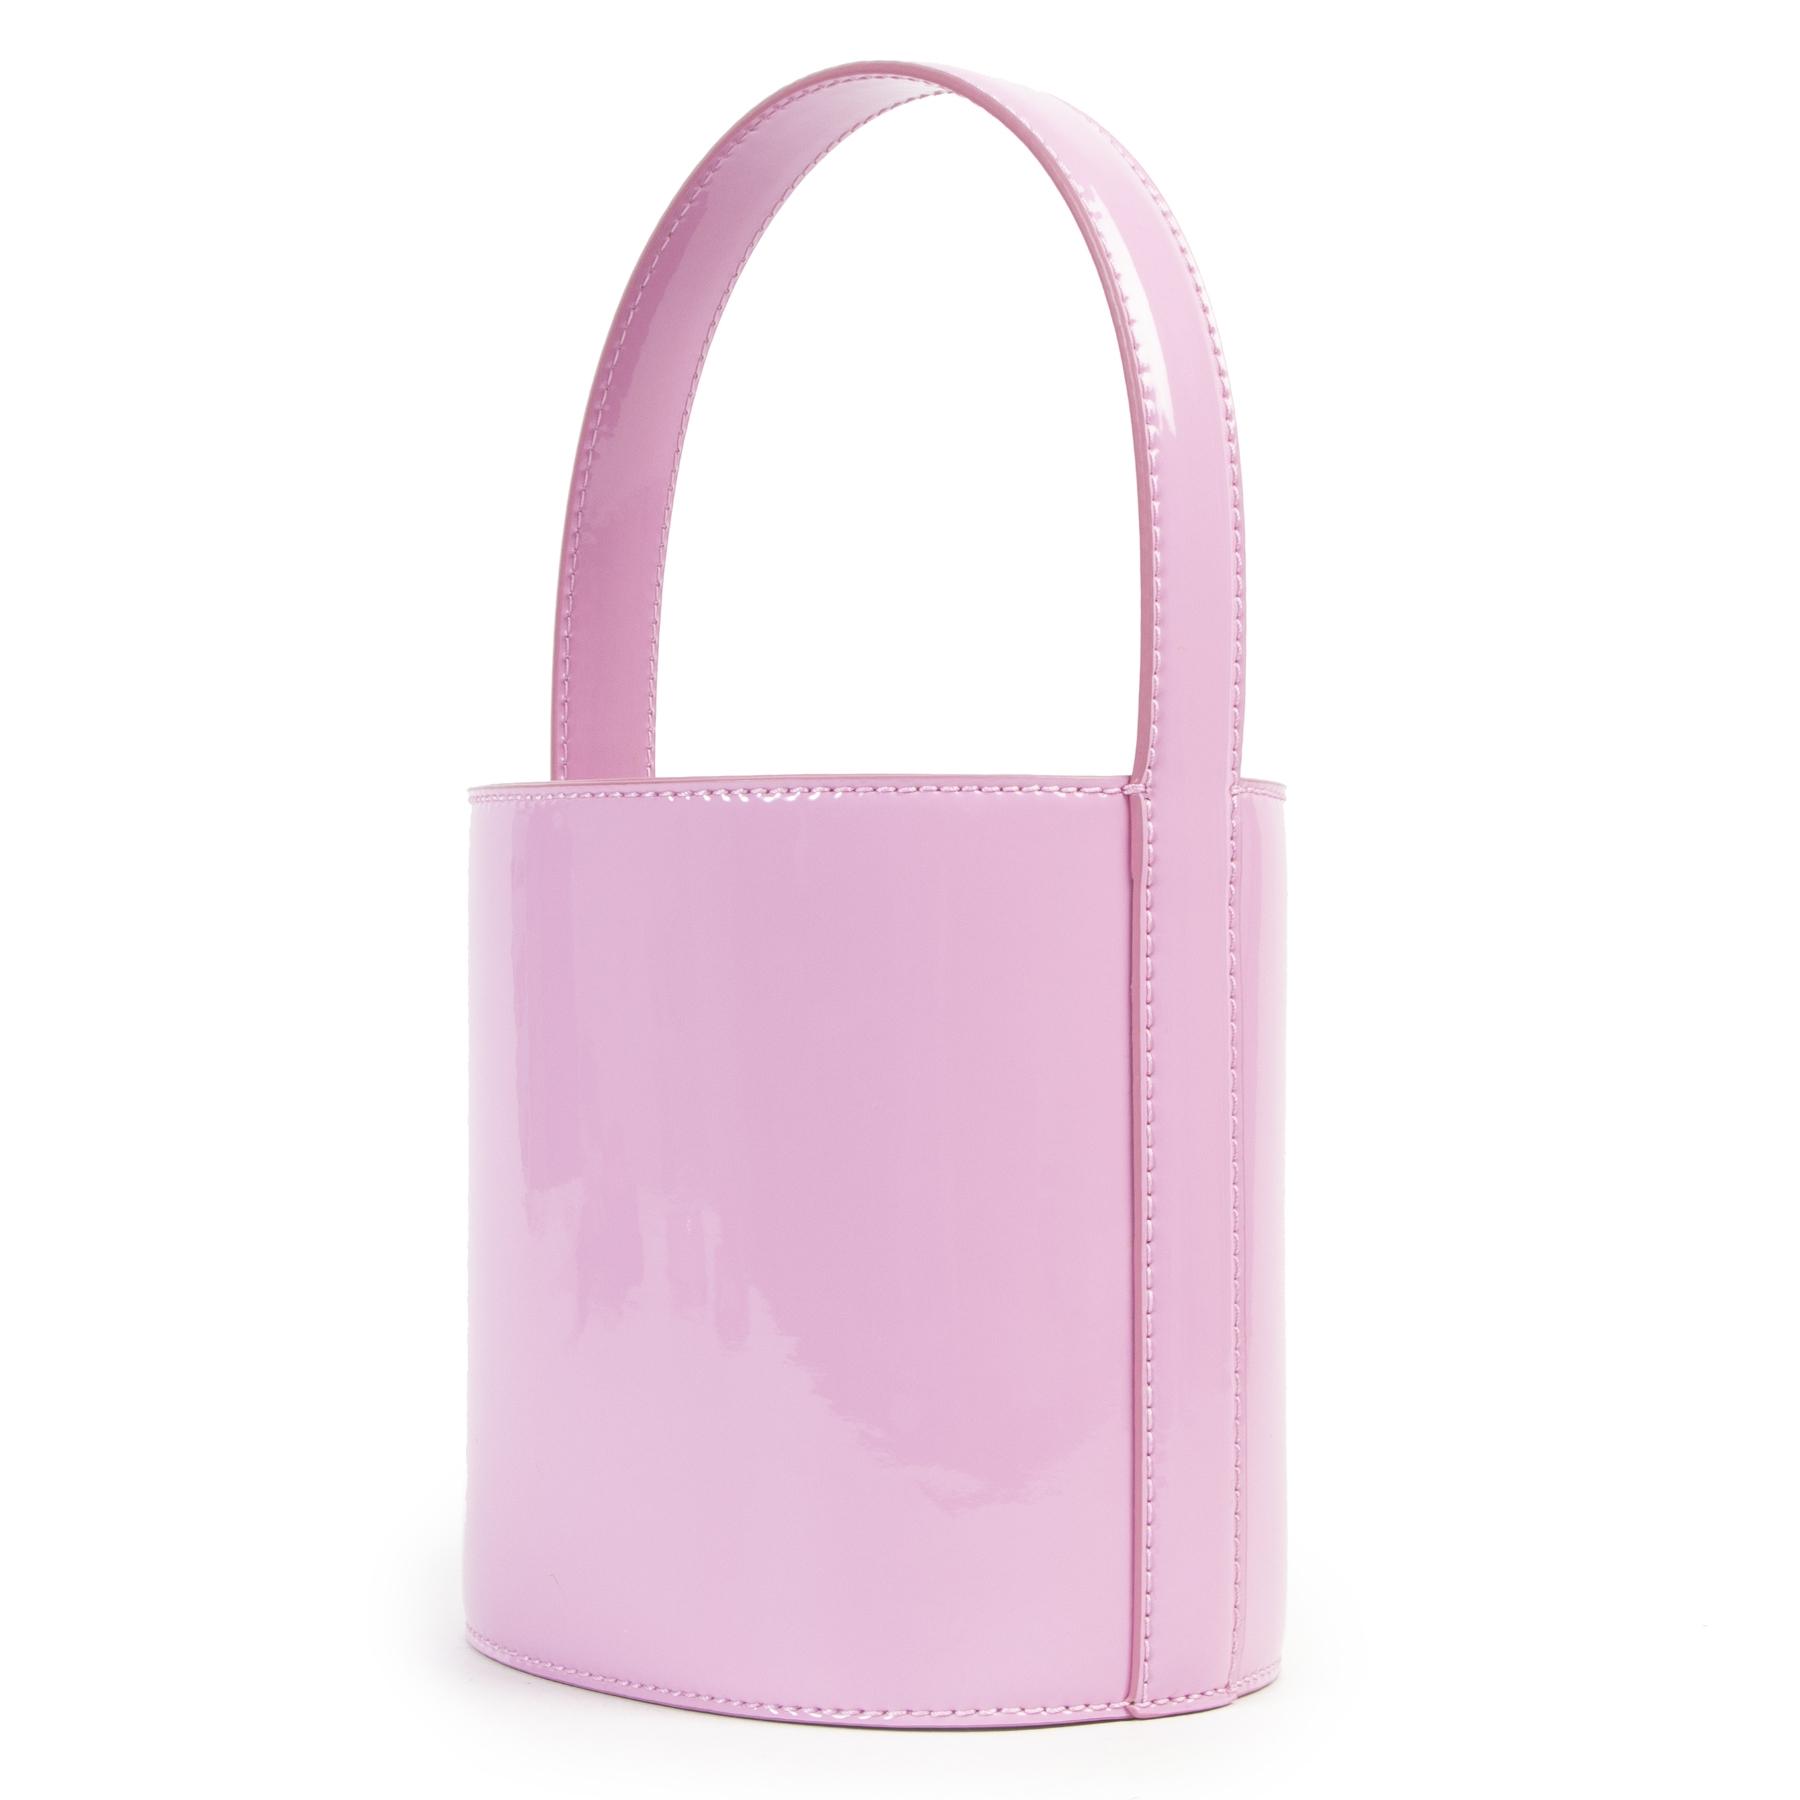 Acheter d'authentiques sacs Staud d'occasion à bon prix chez LabelLOV